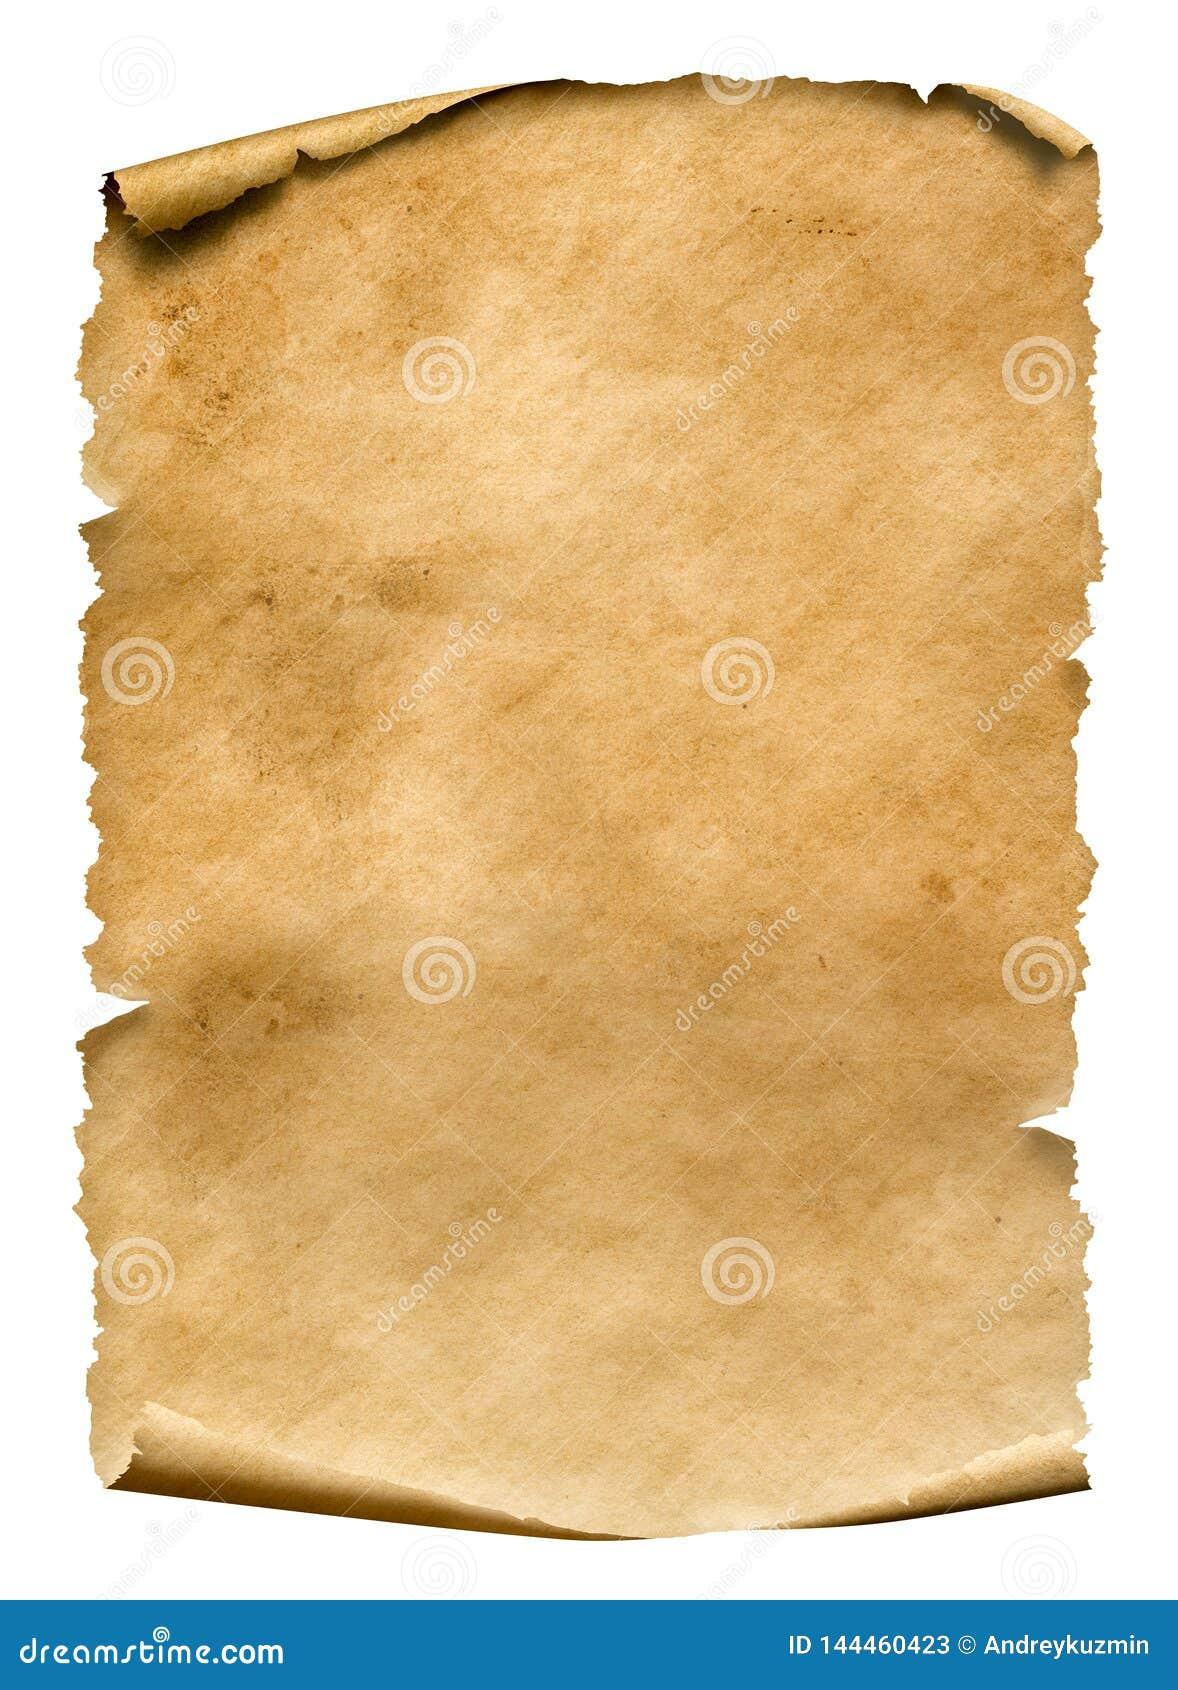 Hoja de papel gastada vieja aislada en blanco